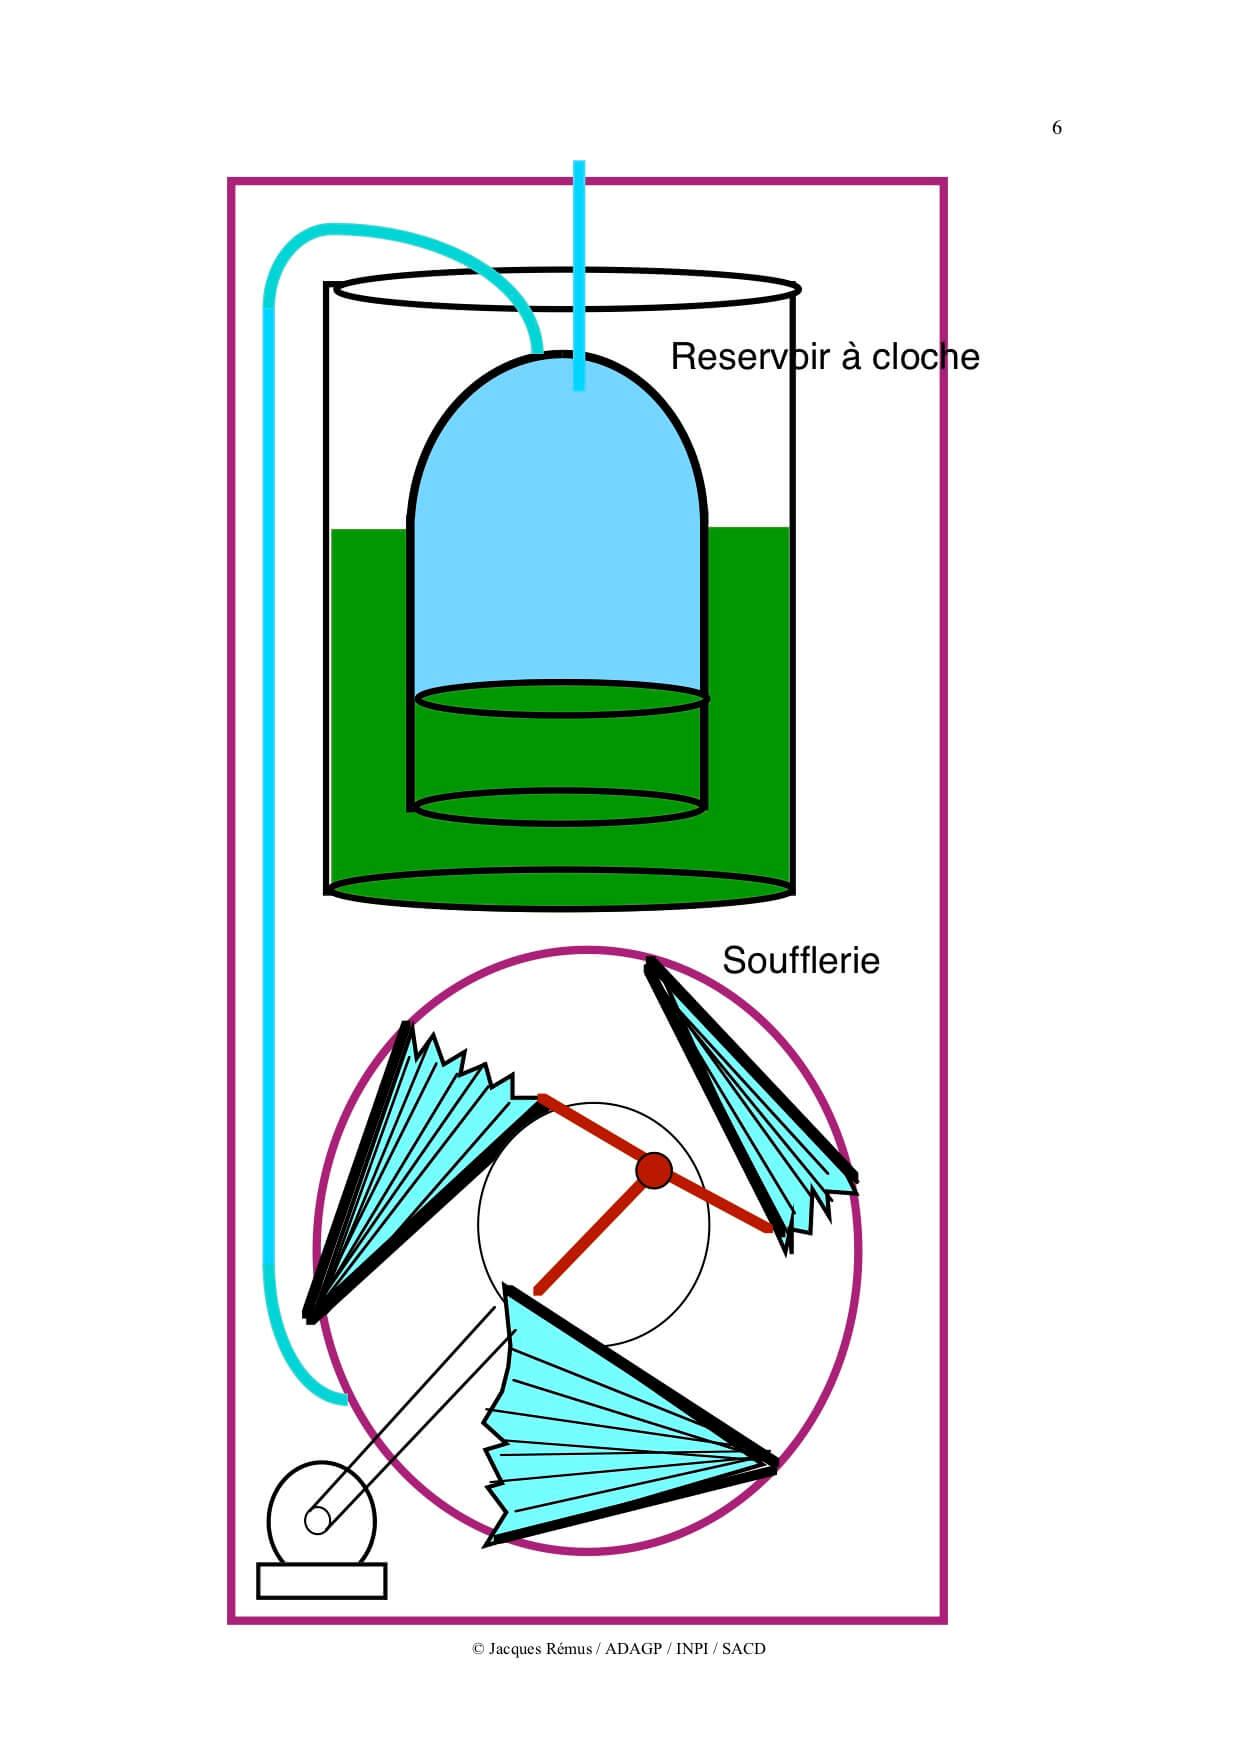 Dessin en couleur fait à l'ordinateur montrant une cloche immergée surmontant une soufflerie triangulaire